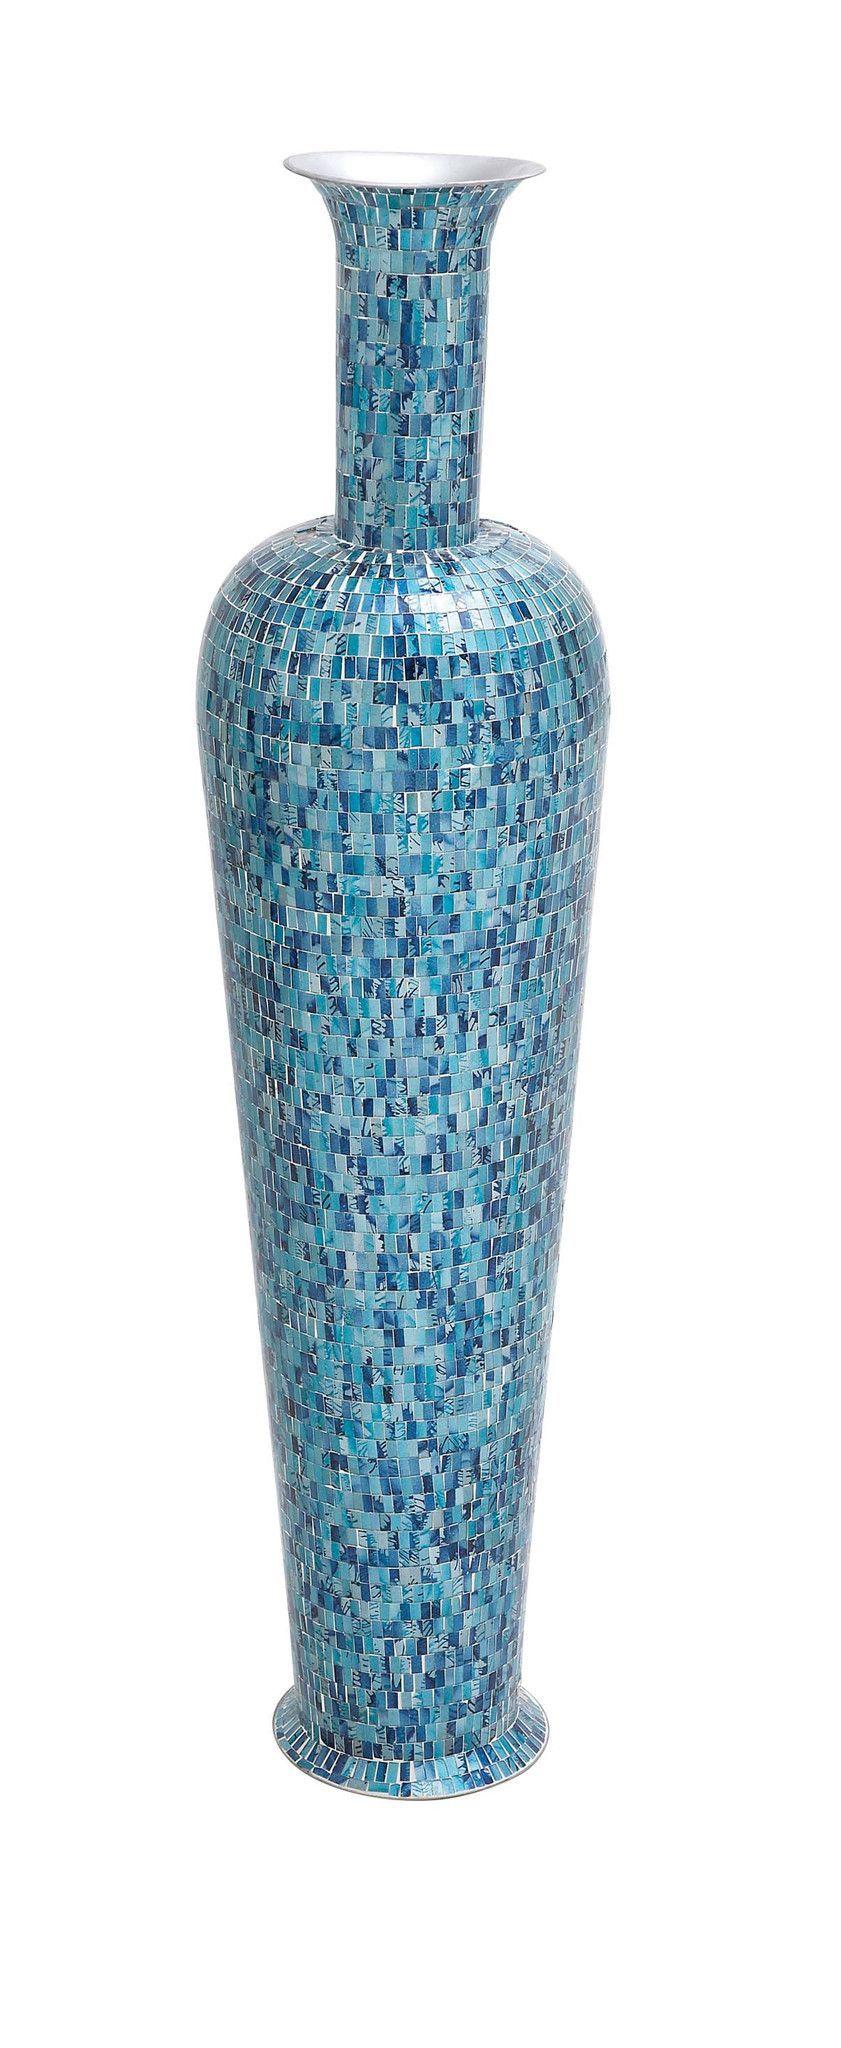 49 tall blue metal mosaic standing floor vase modern contemporary 49 tall blue metal mosaic standing floor vase modern contemporary decor reviewsmspy